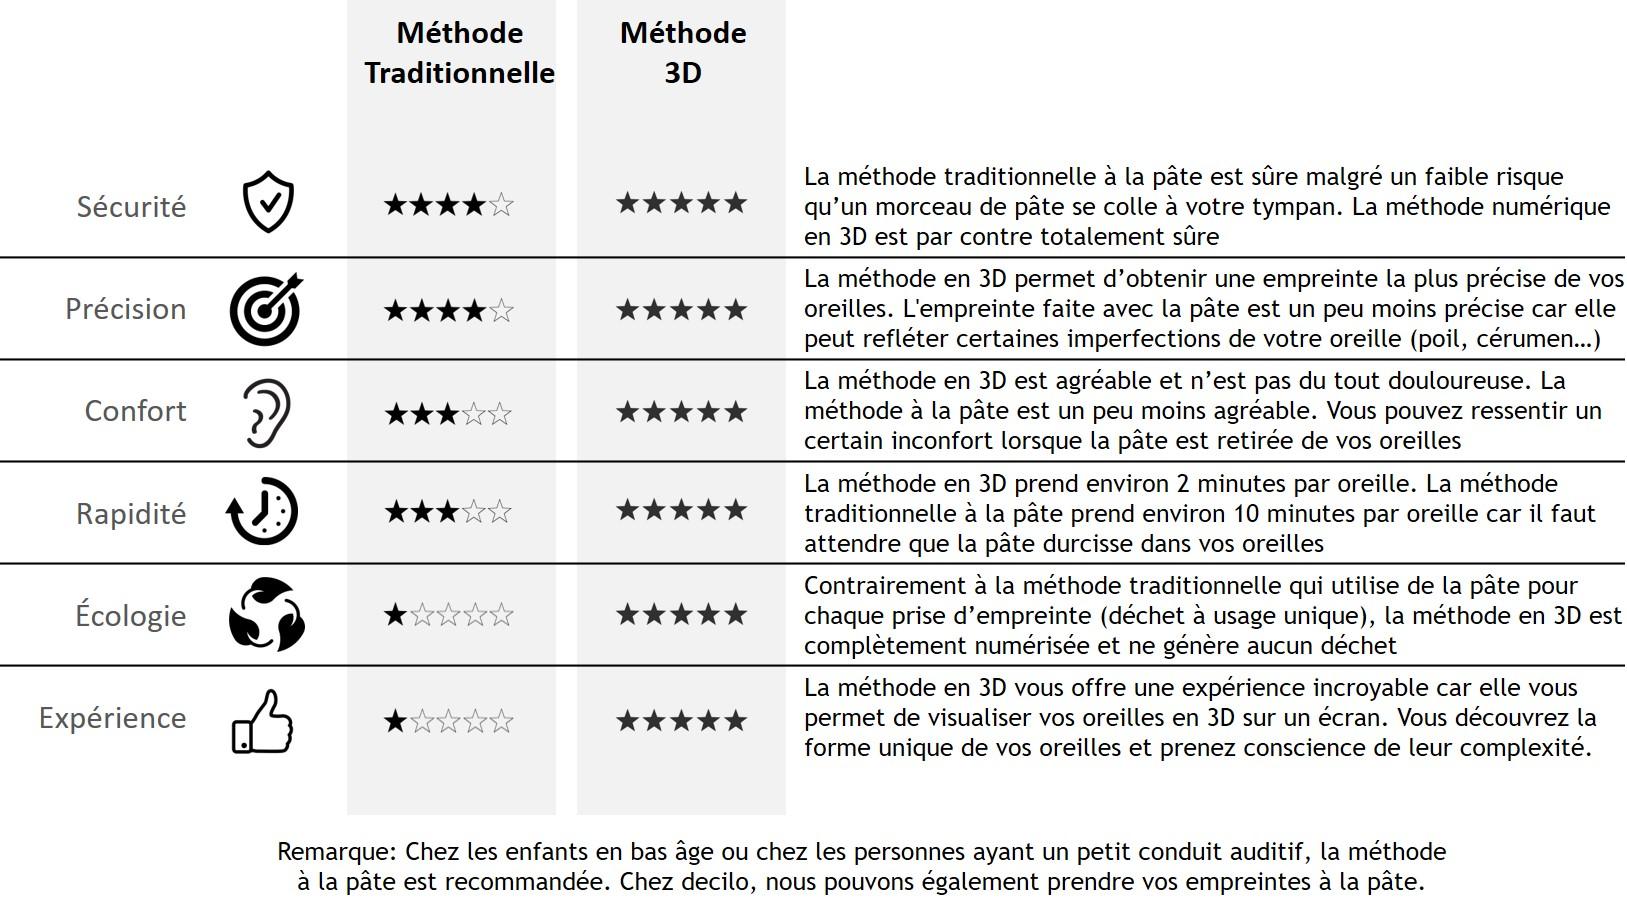 Comparaison prise d'empreinte à la méthode traditionnelle avec la pâte par rapport à la méthode en 3D